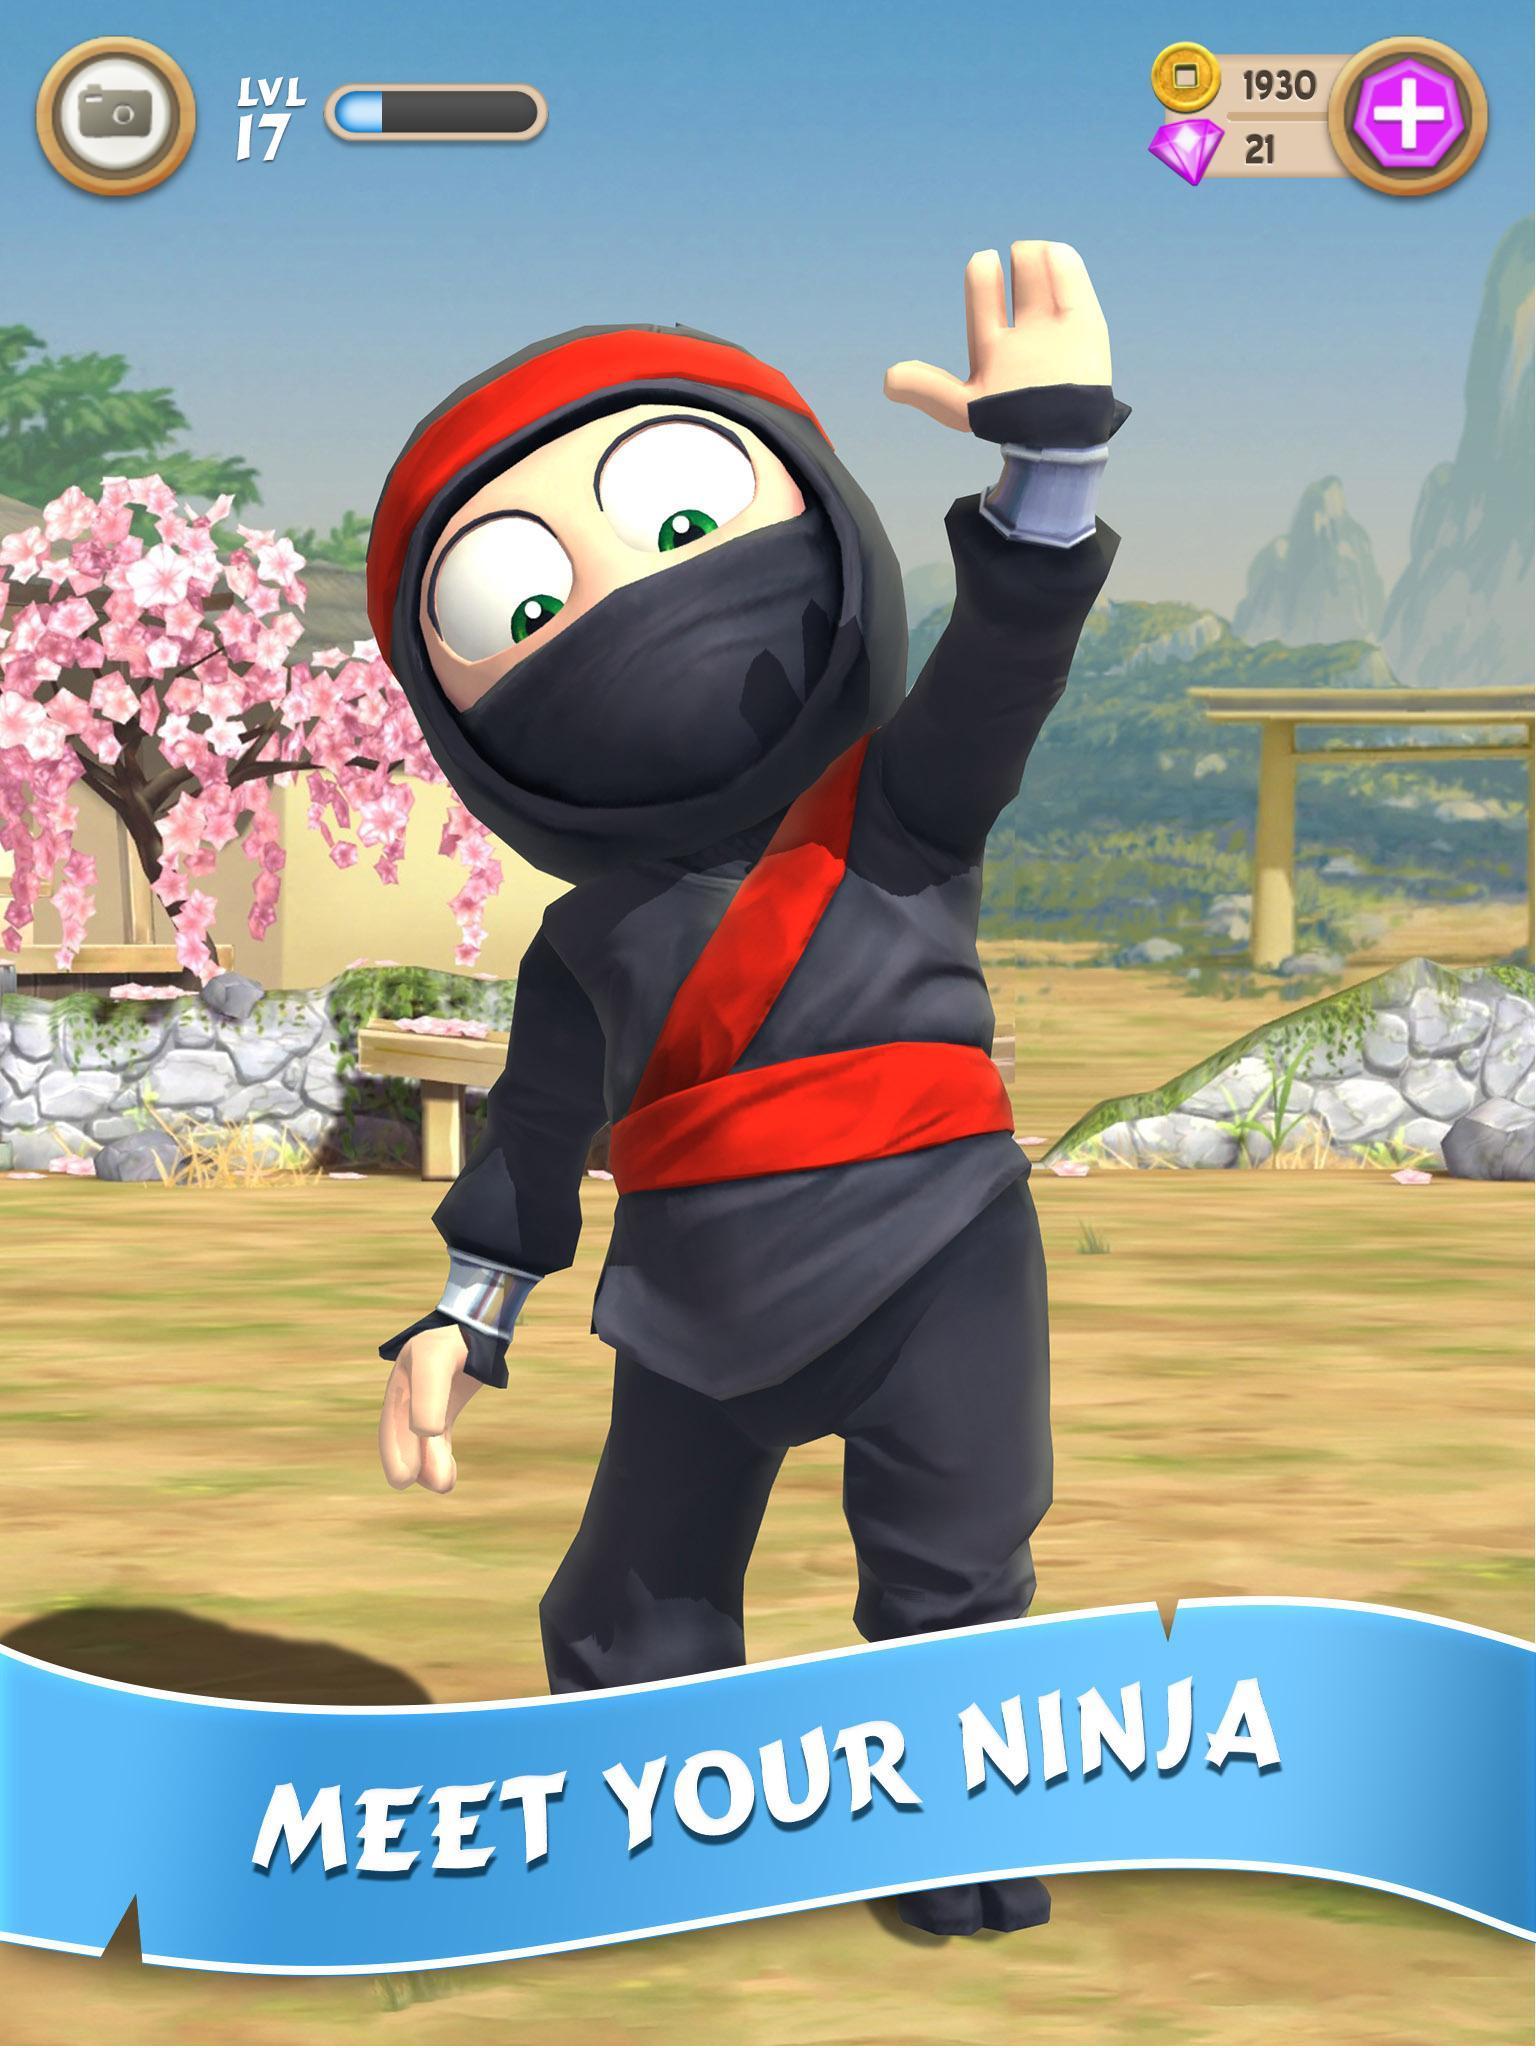 Clumsy Ninja 1.31.0 Screenshot 11